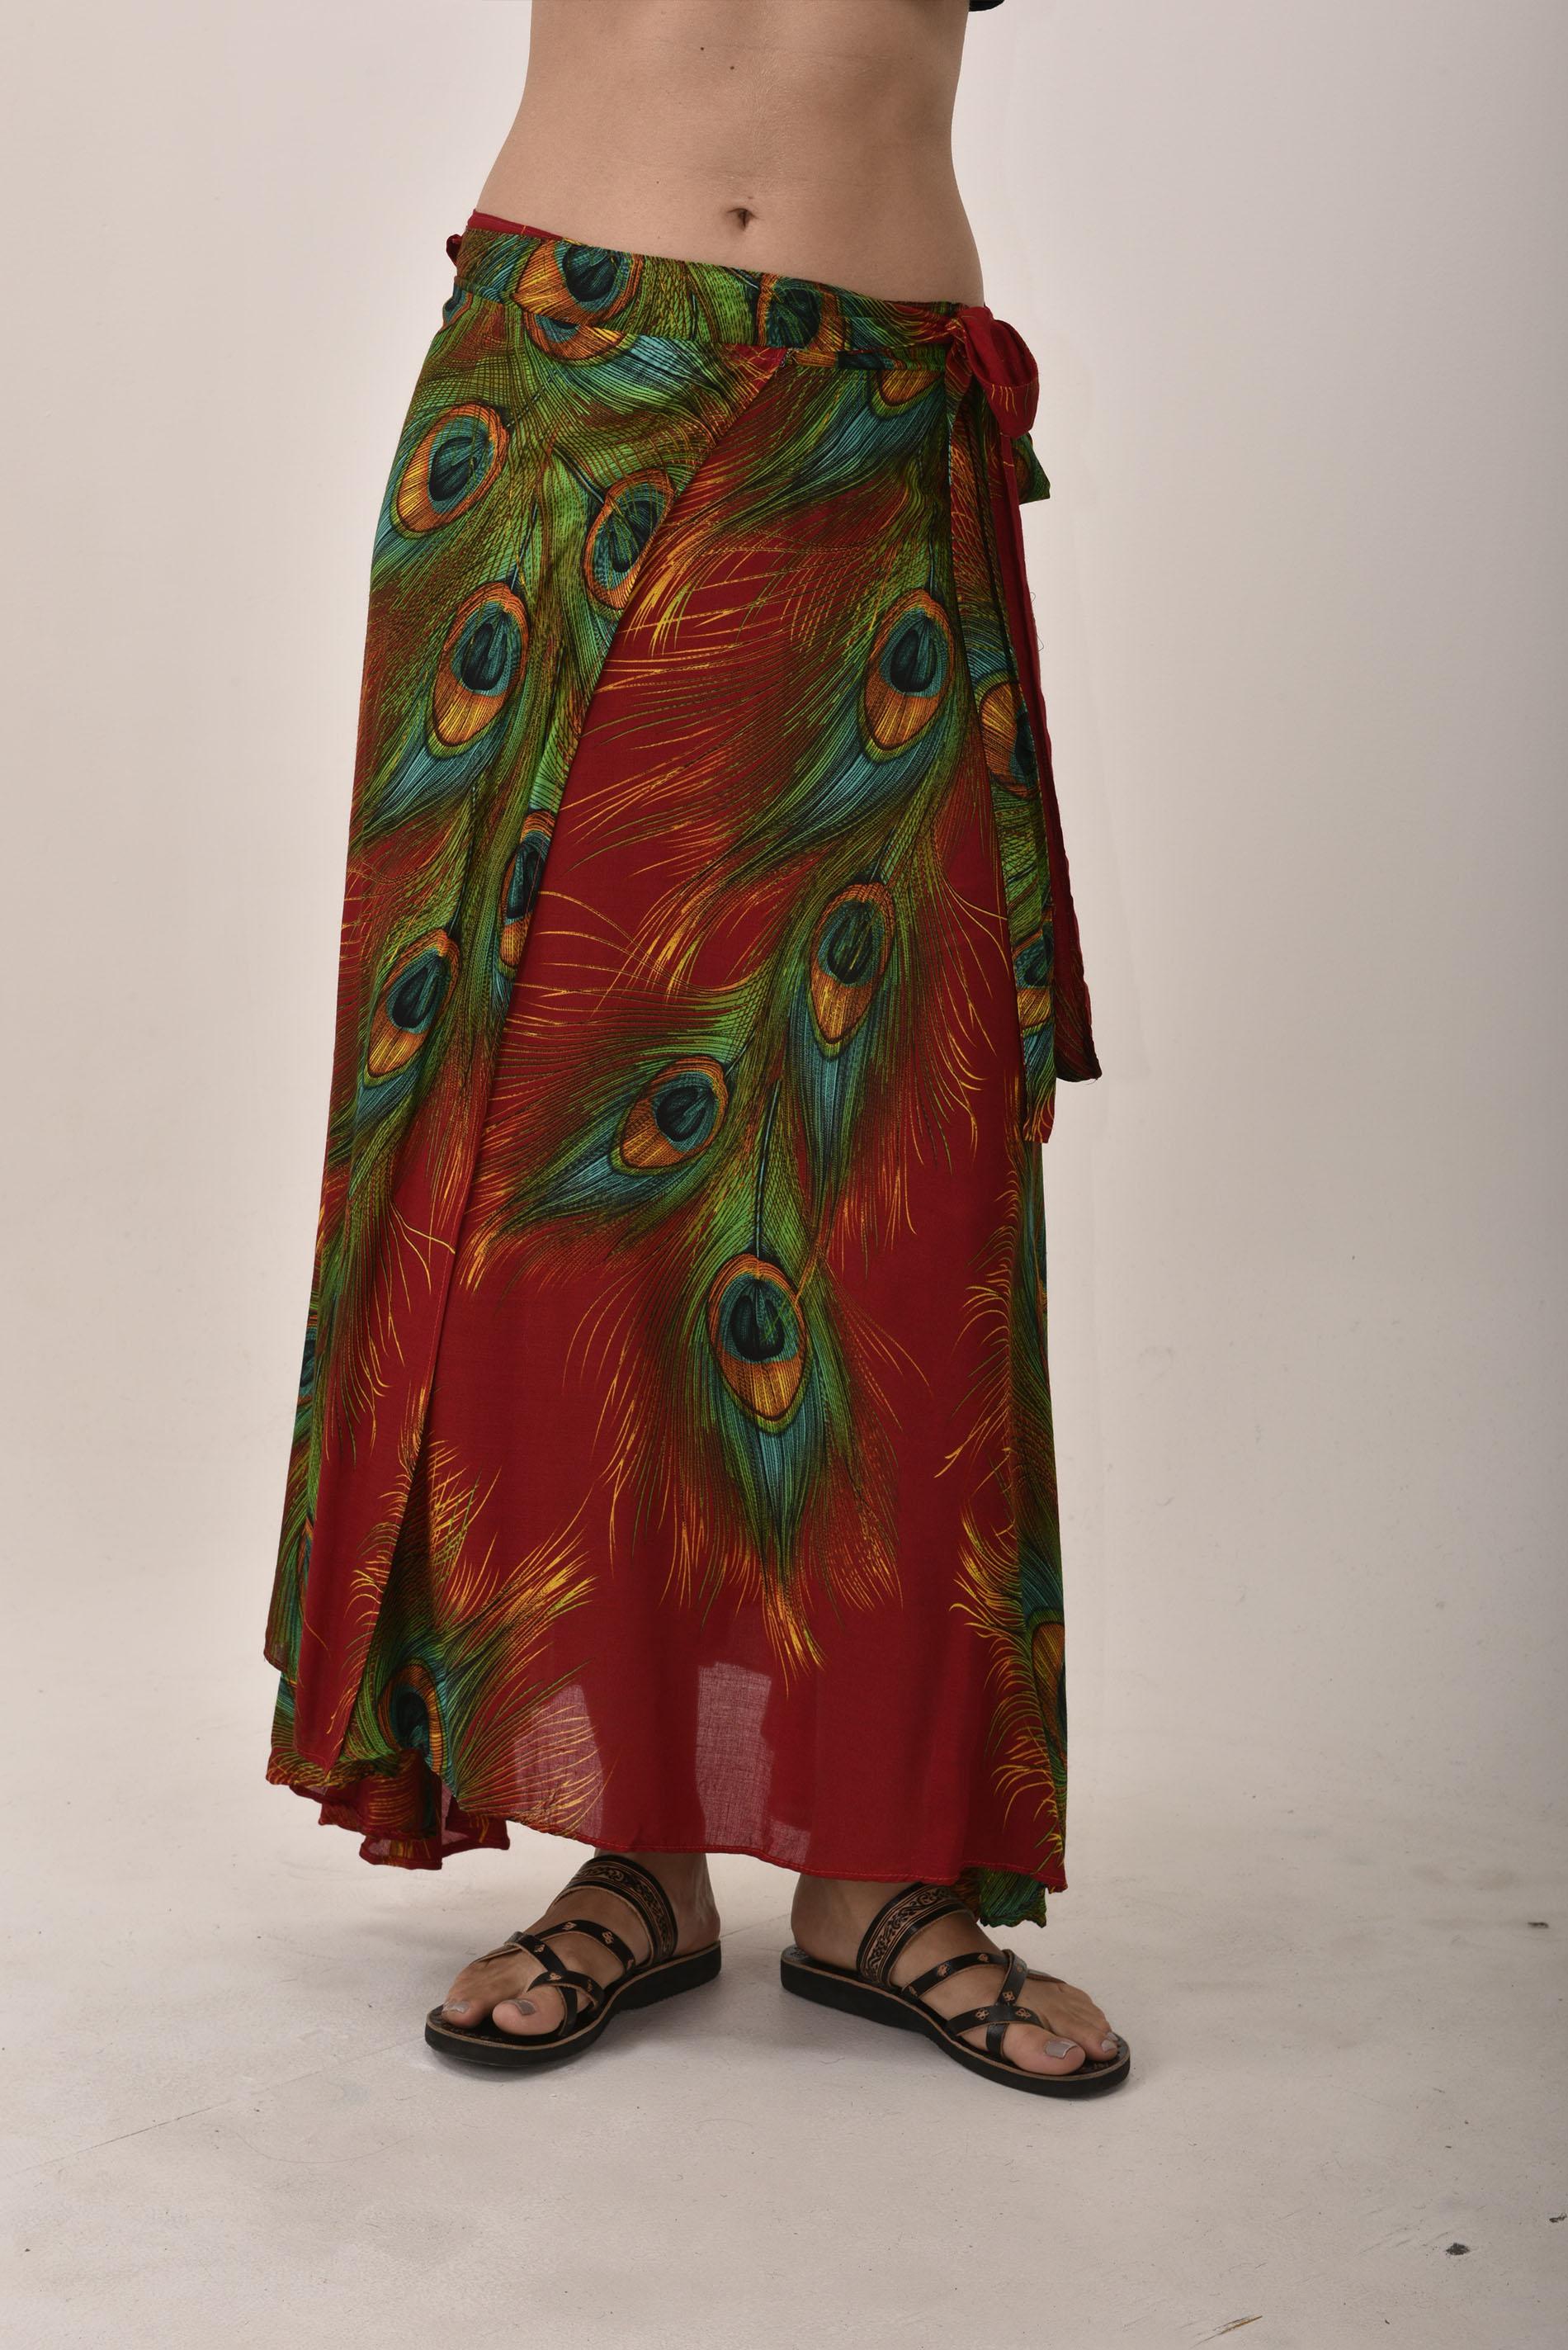 Long Wrap Skirt, Peacock Print, Red / Rayon